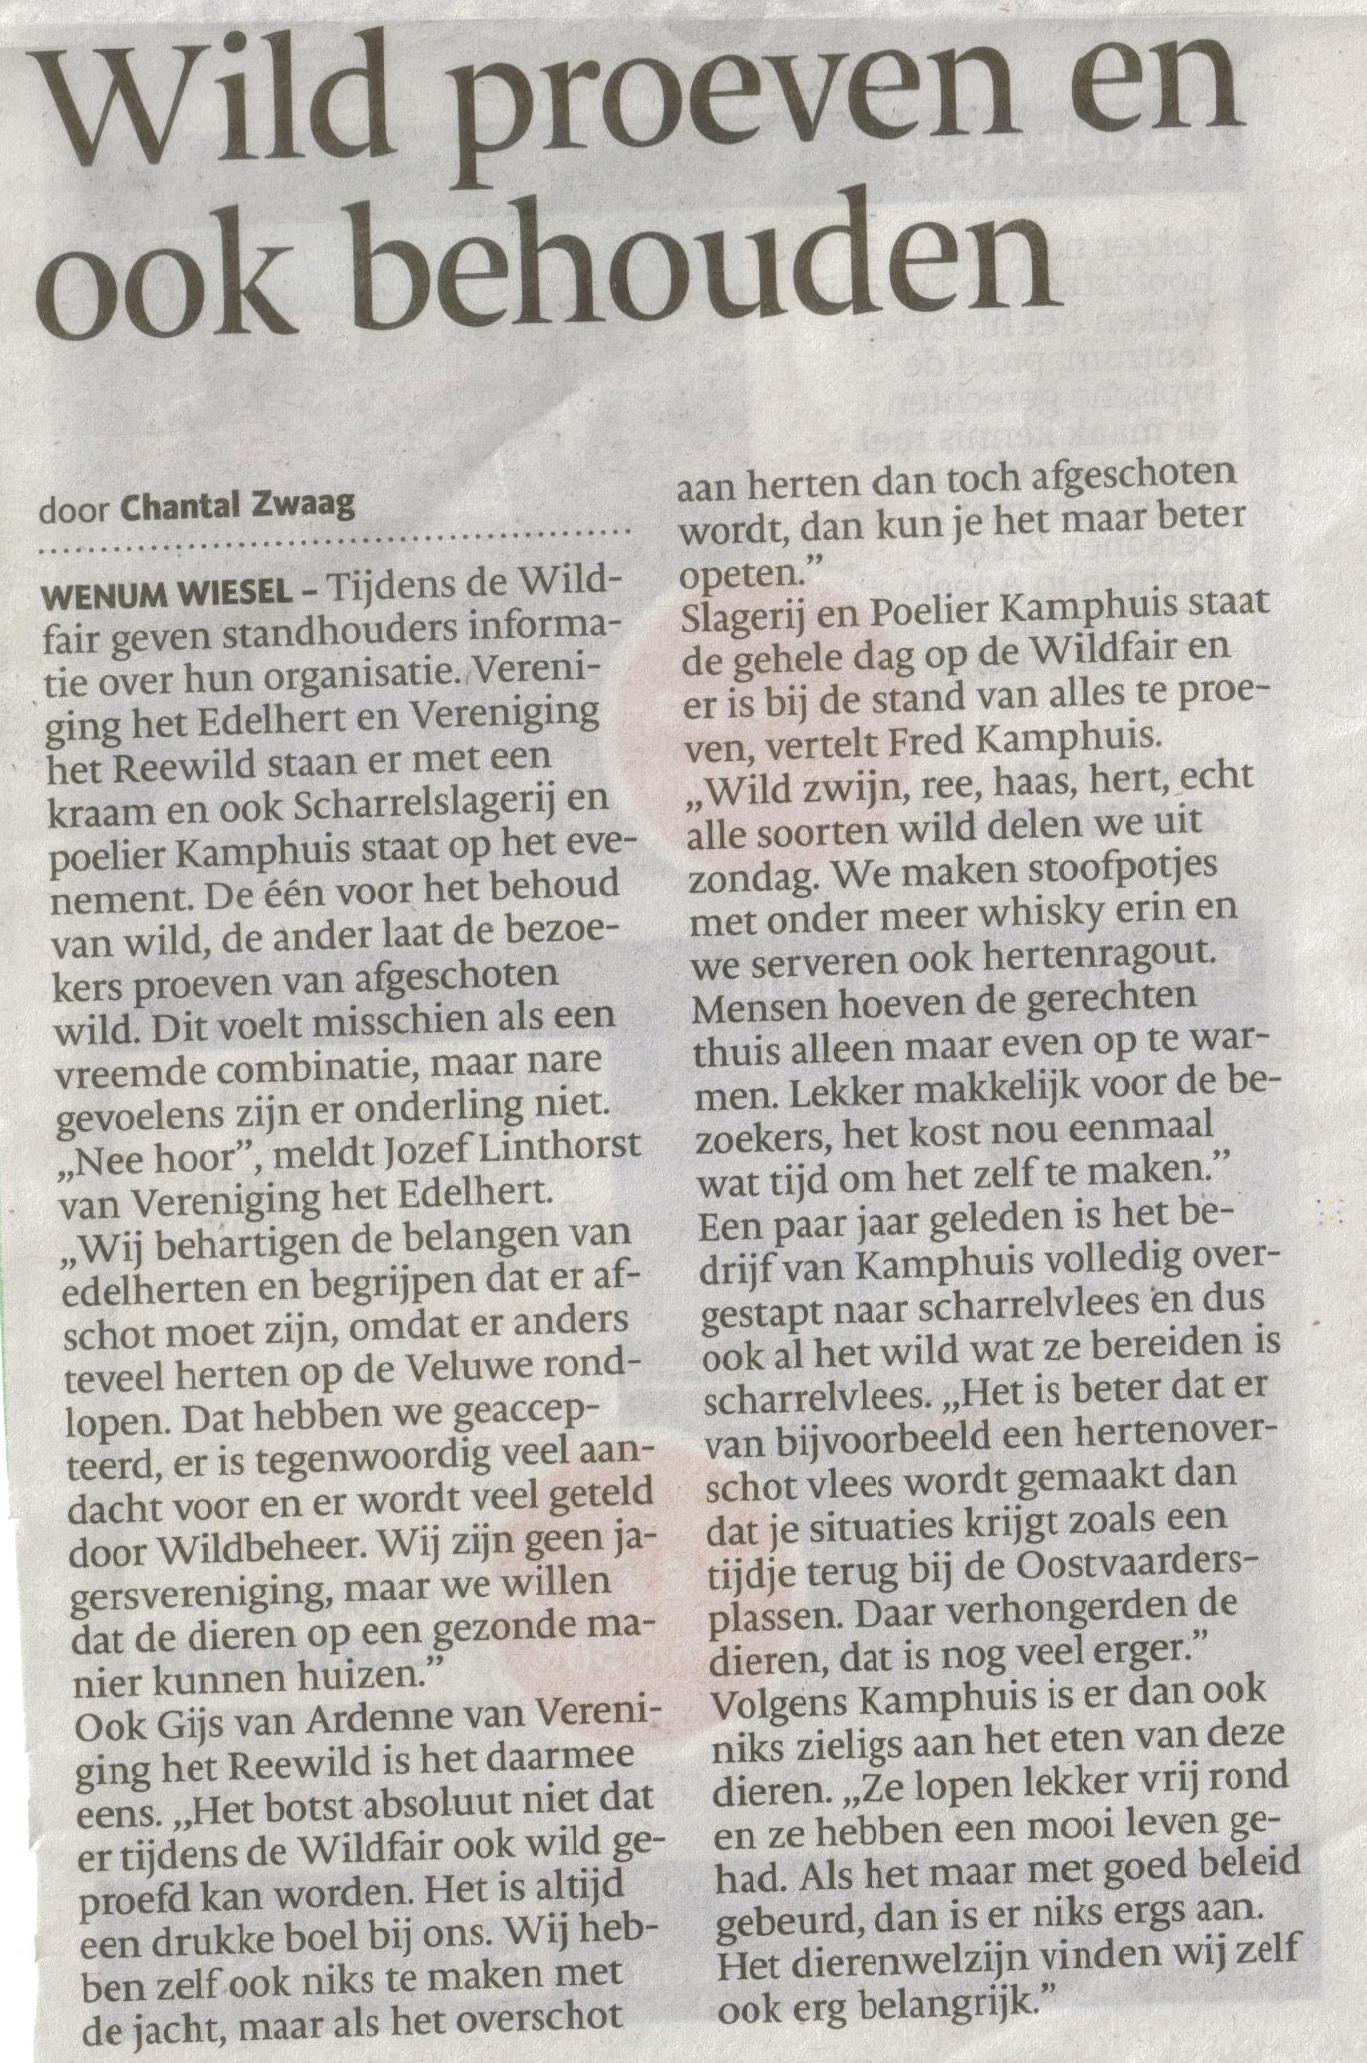 Bron: De Stentor Apeldoorn 25 september 2013